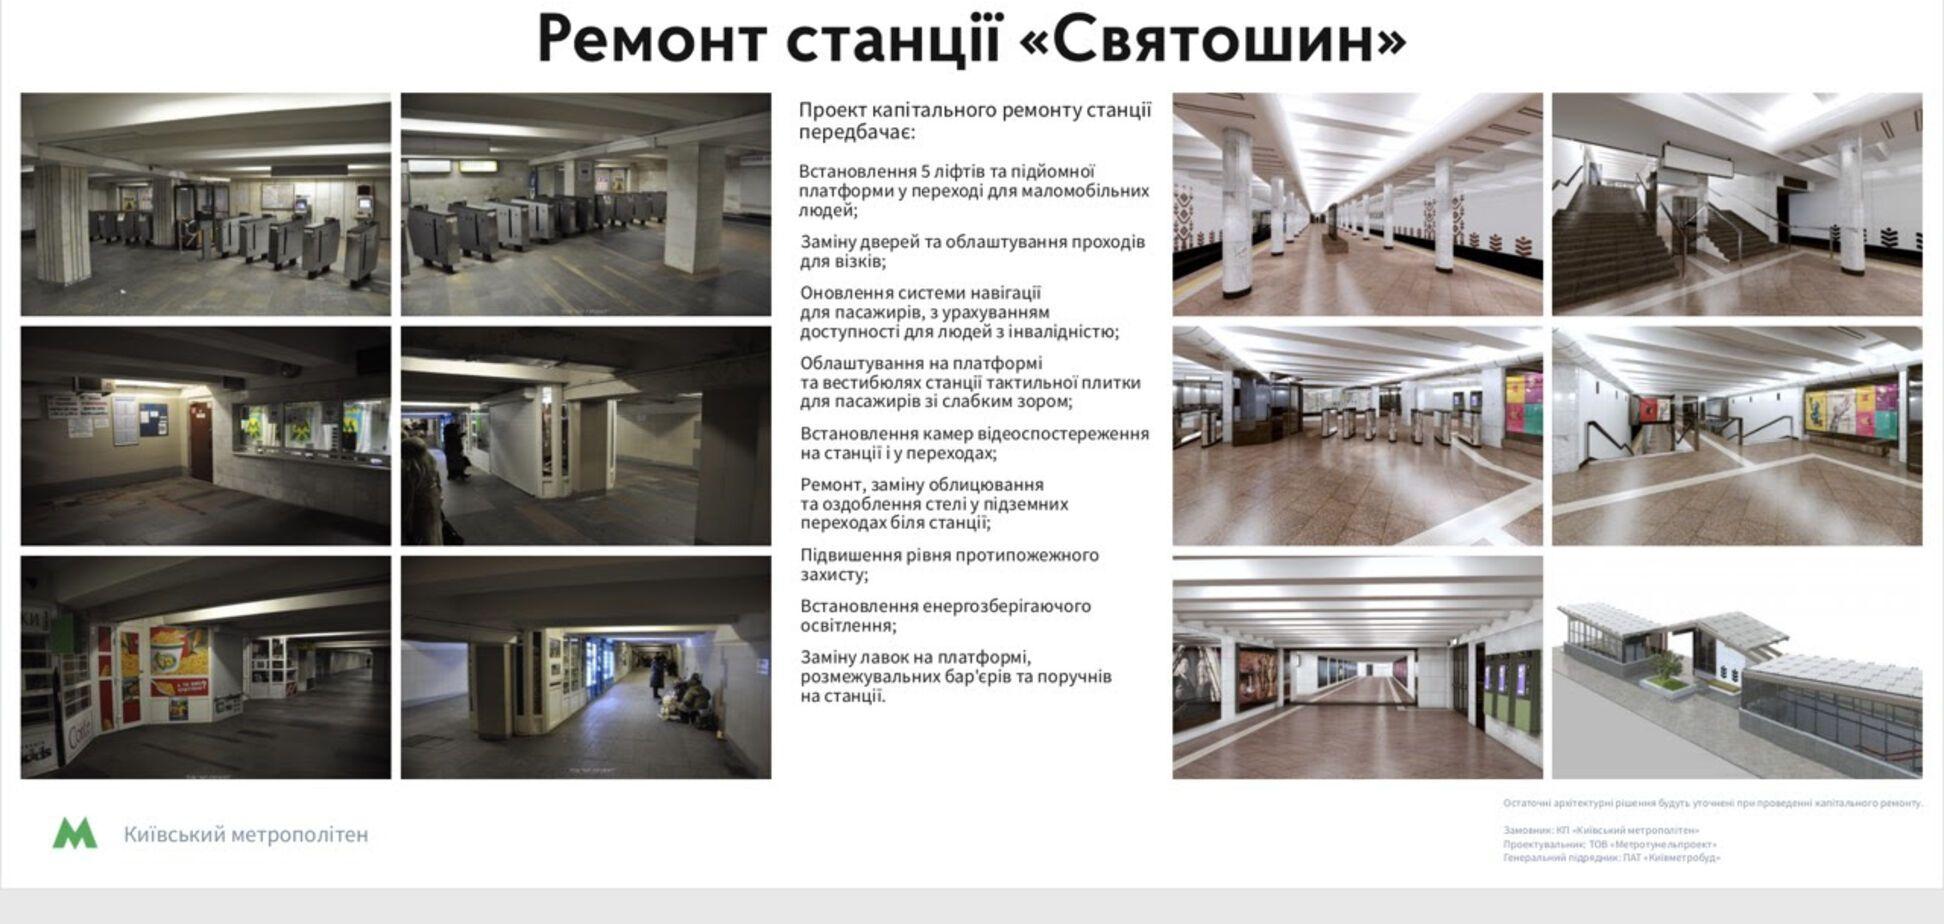 Ремонт на станции 'Святошин': сколько терпеть и что получим в итоге